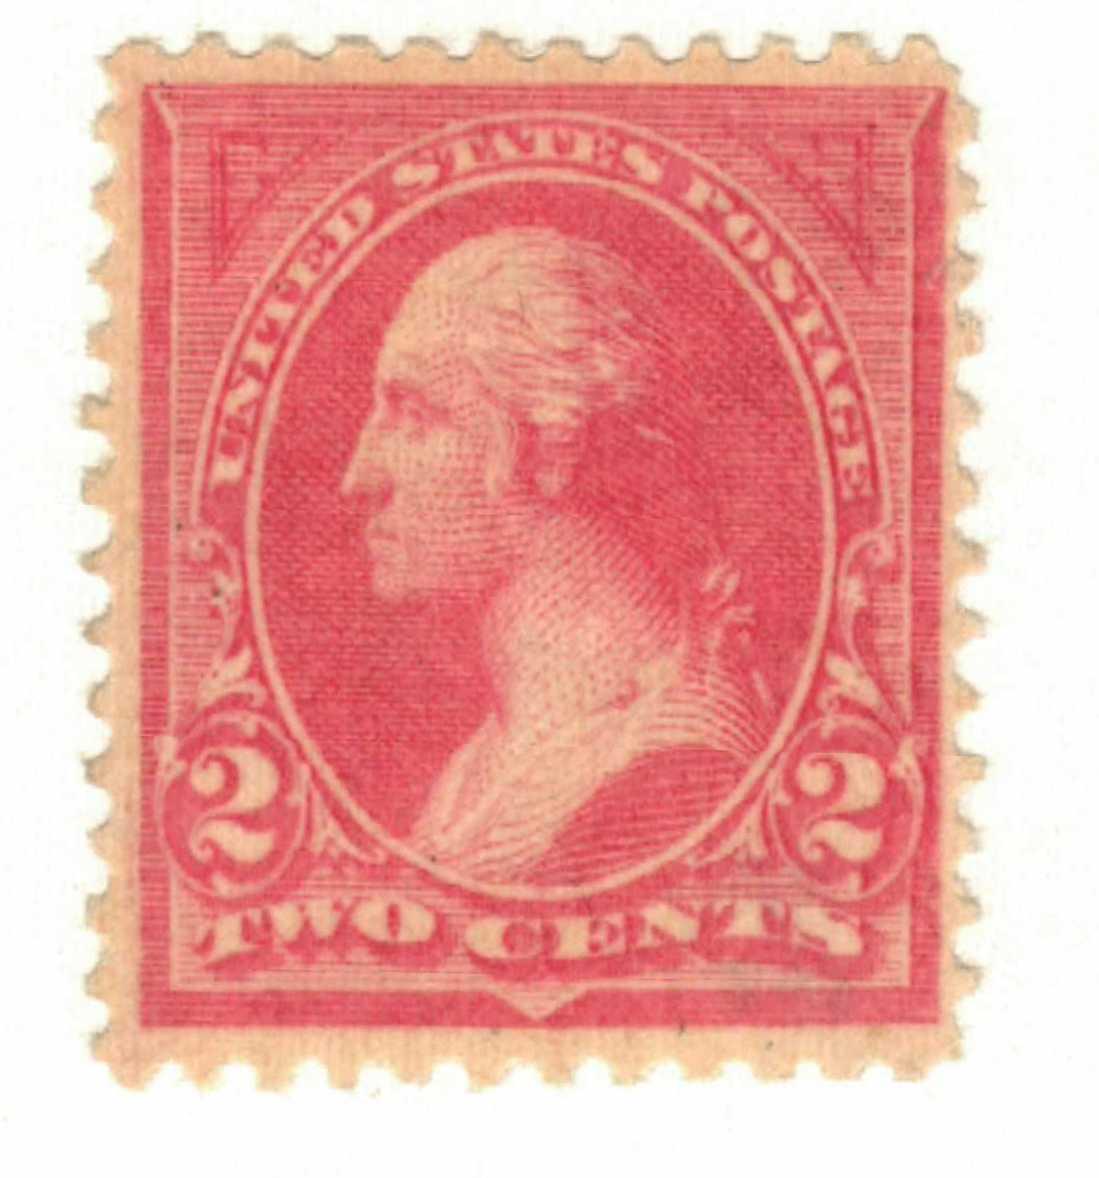 1894 2c Washington, pink, unwatermarked, type I